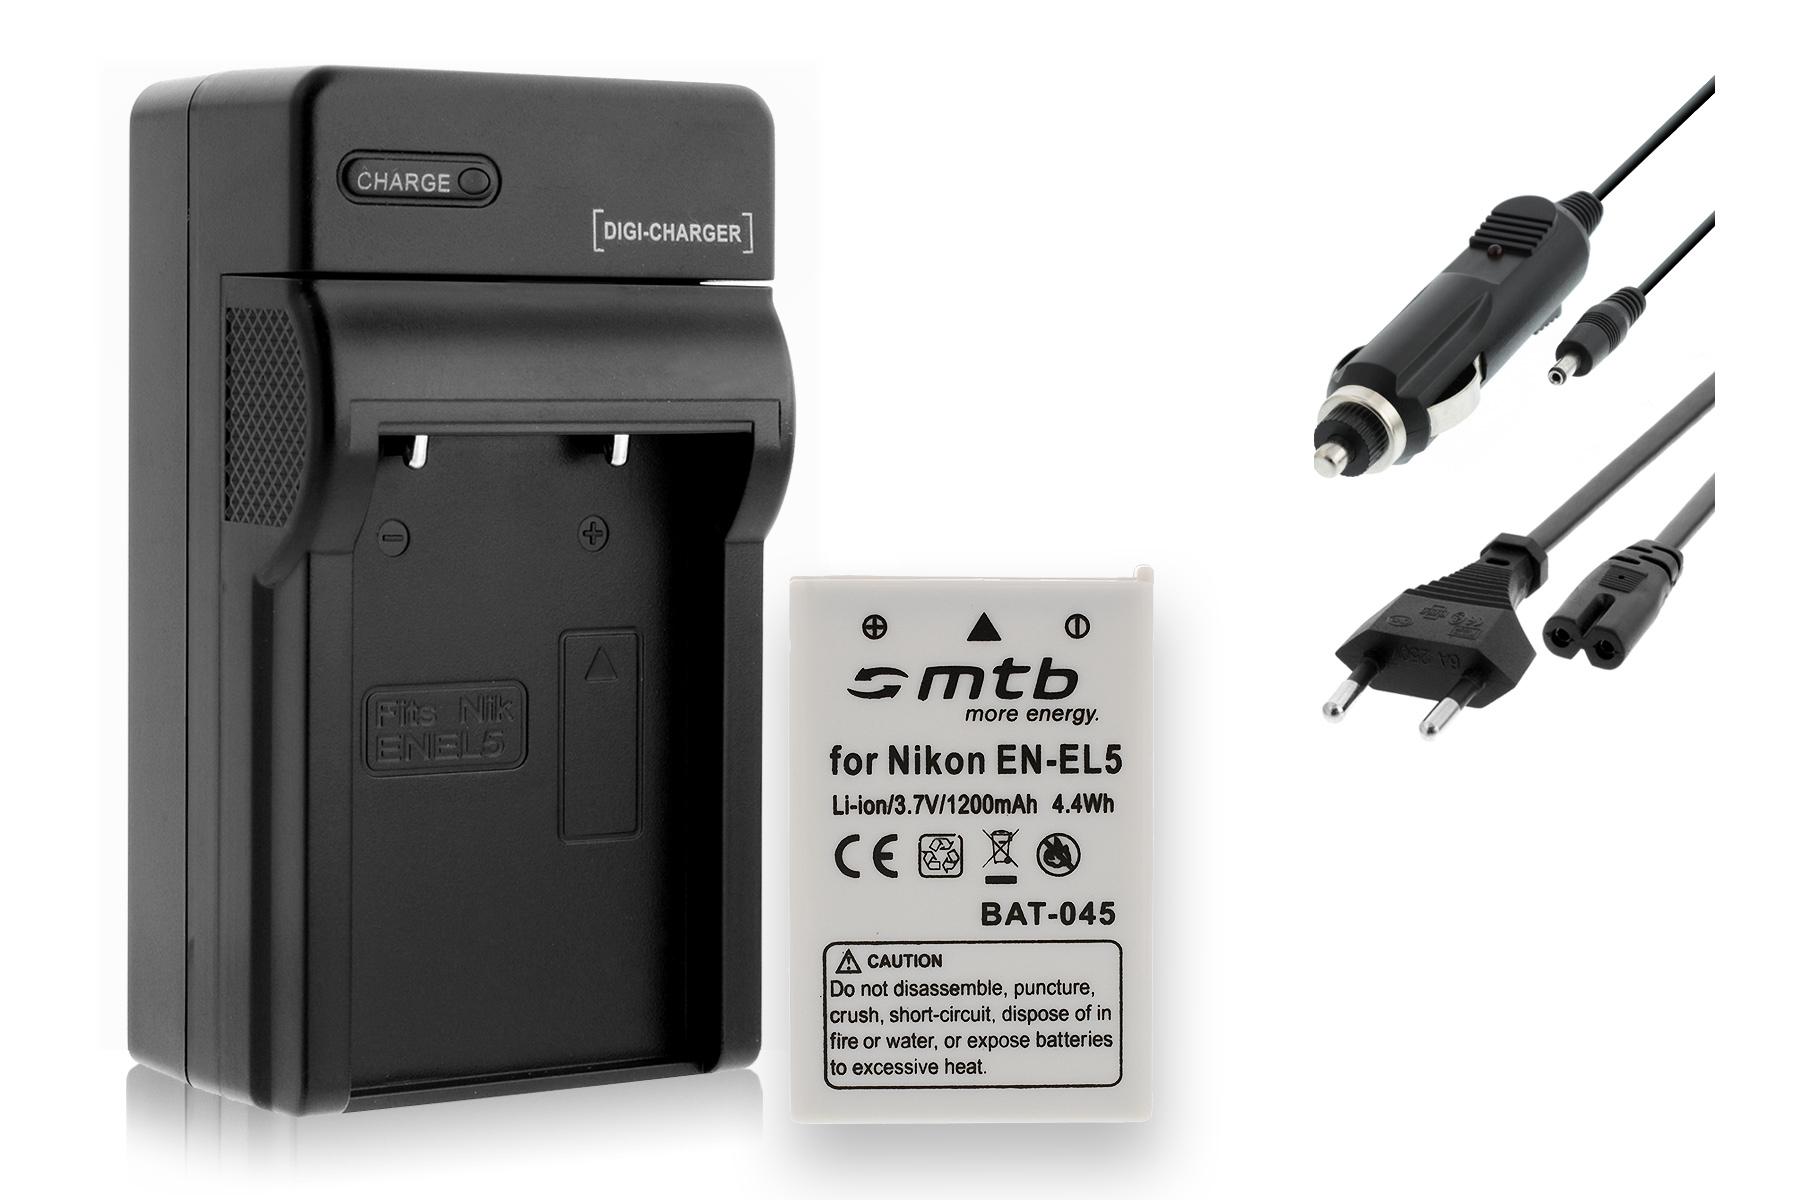 USB Caricatore EN-EL5 per Nikon Coolpix P90 P100 P500 P510 P520 2x Batterie